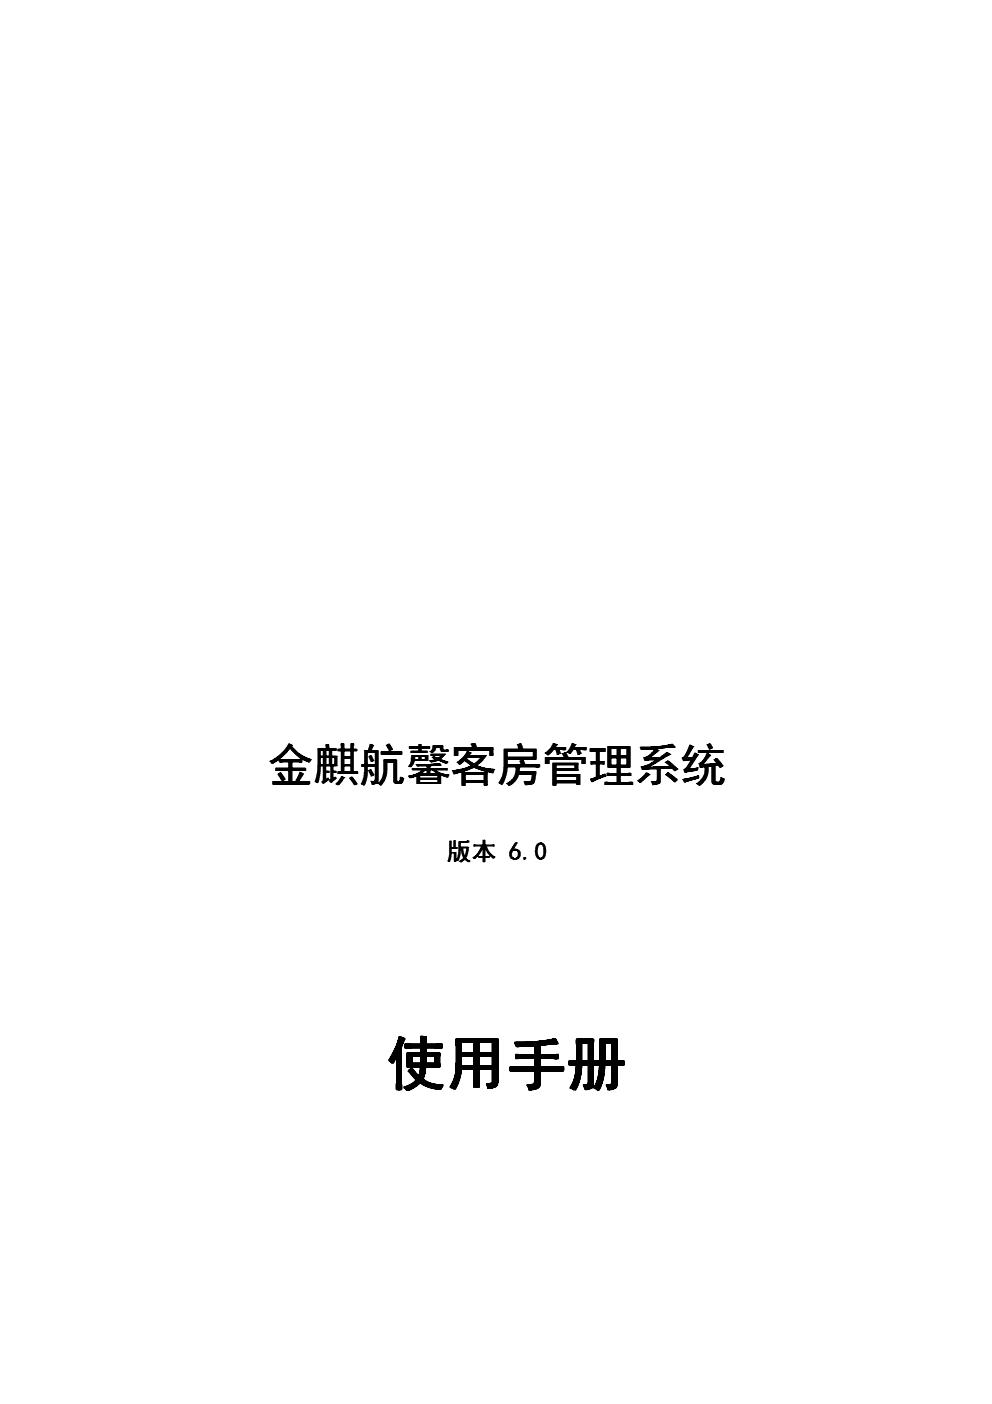 金麒航客房软件使用手册范本.doc